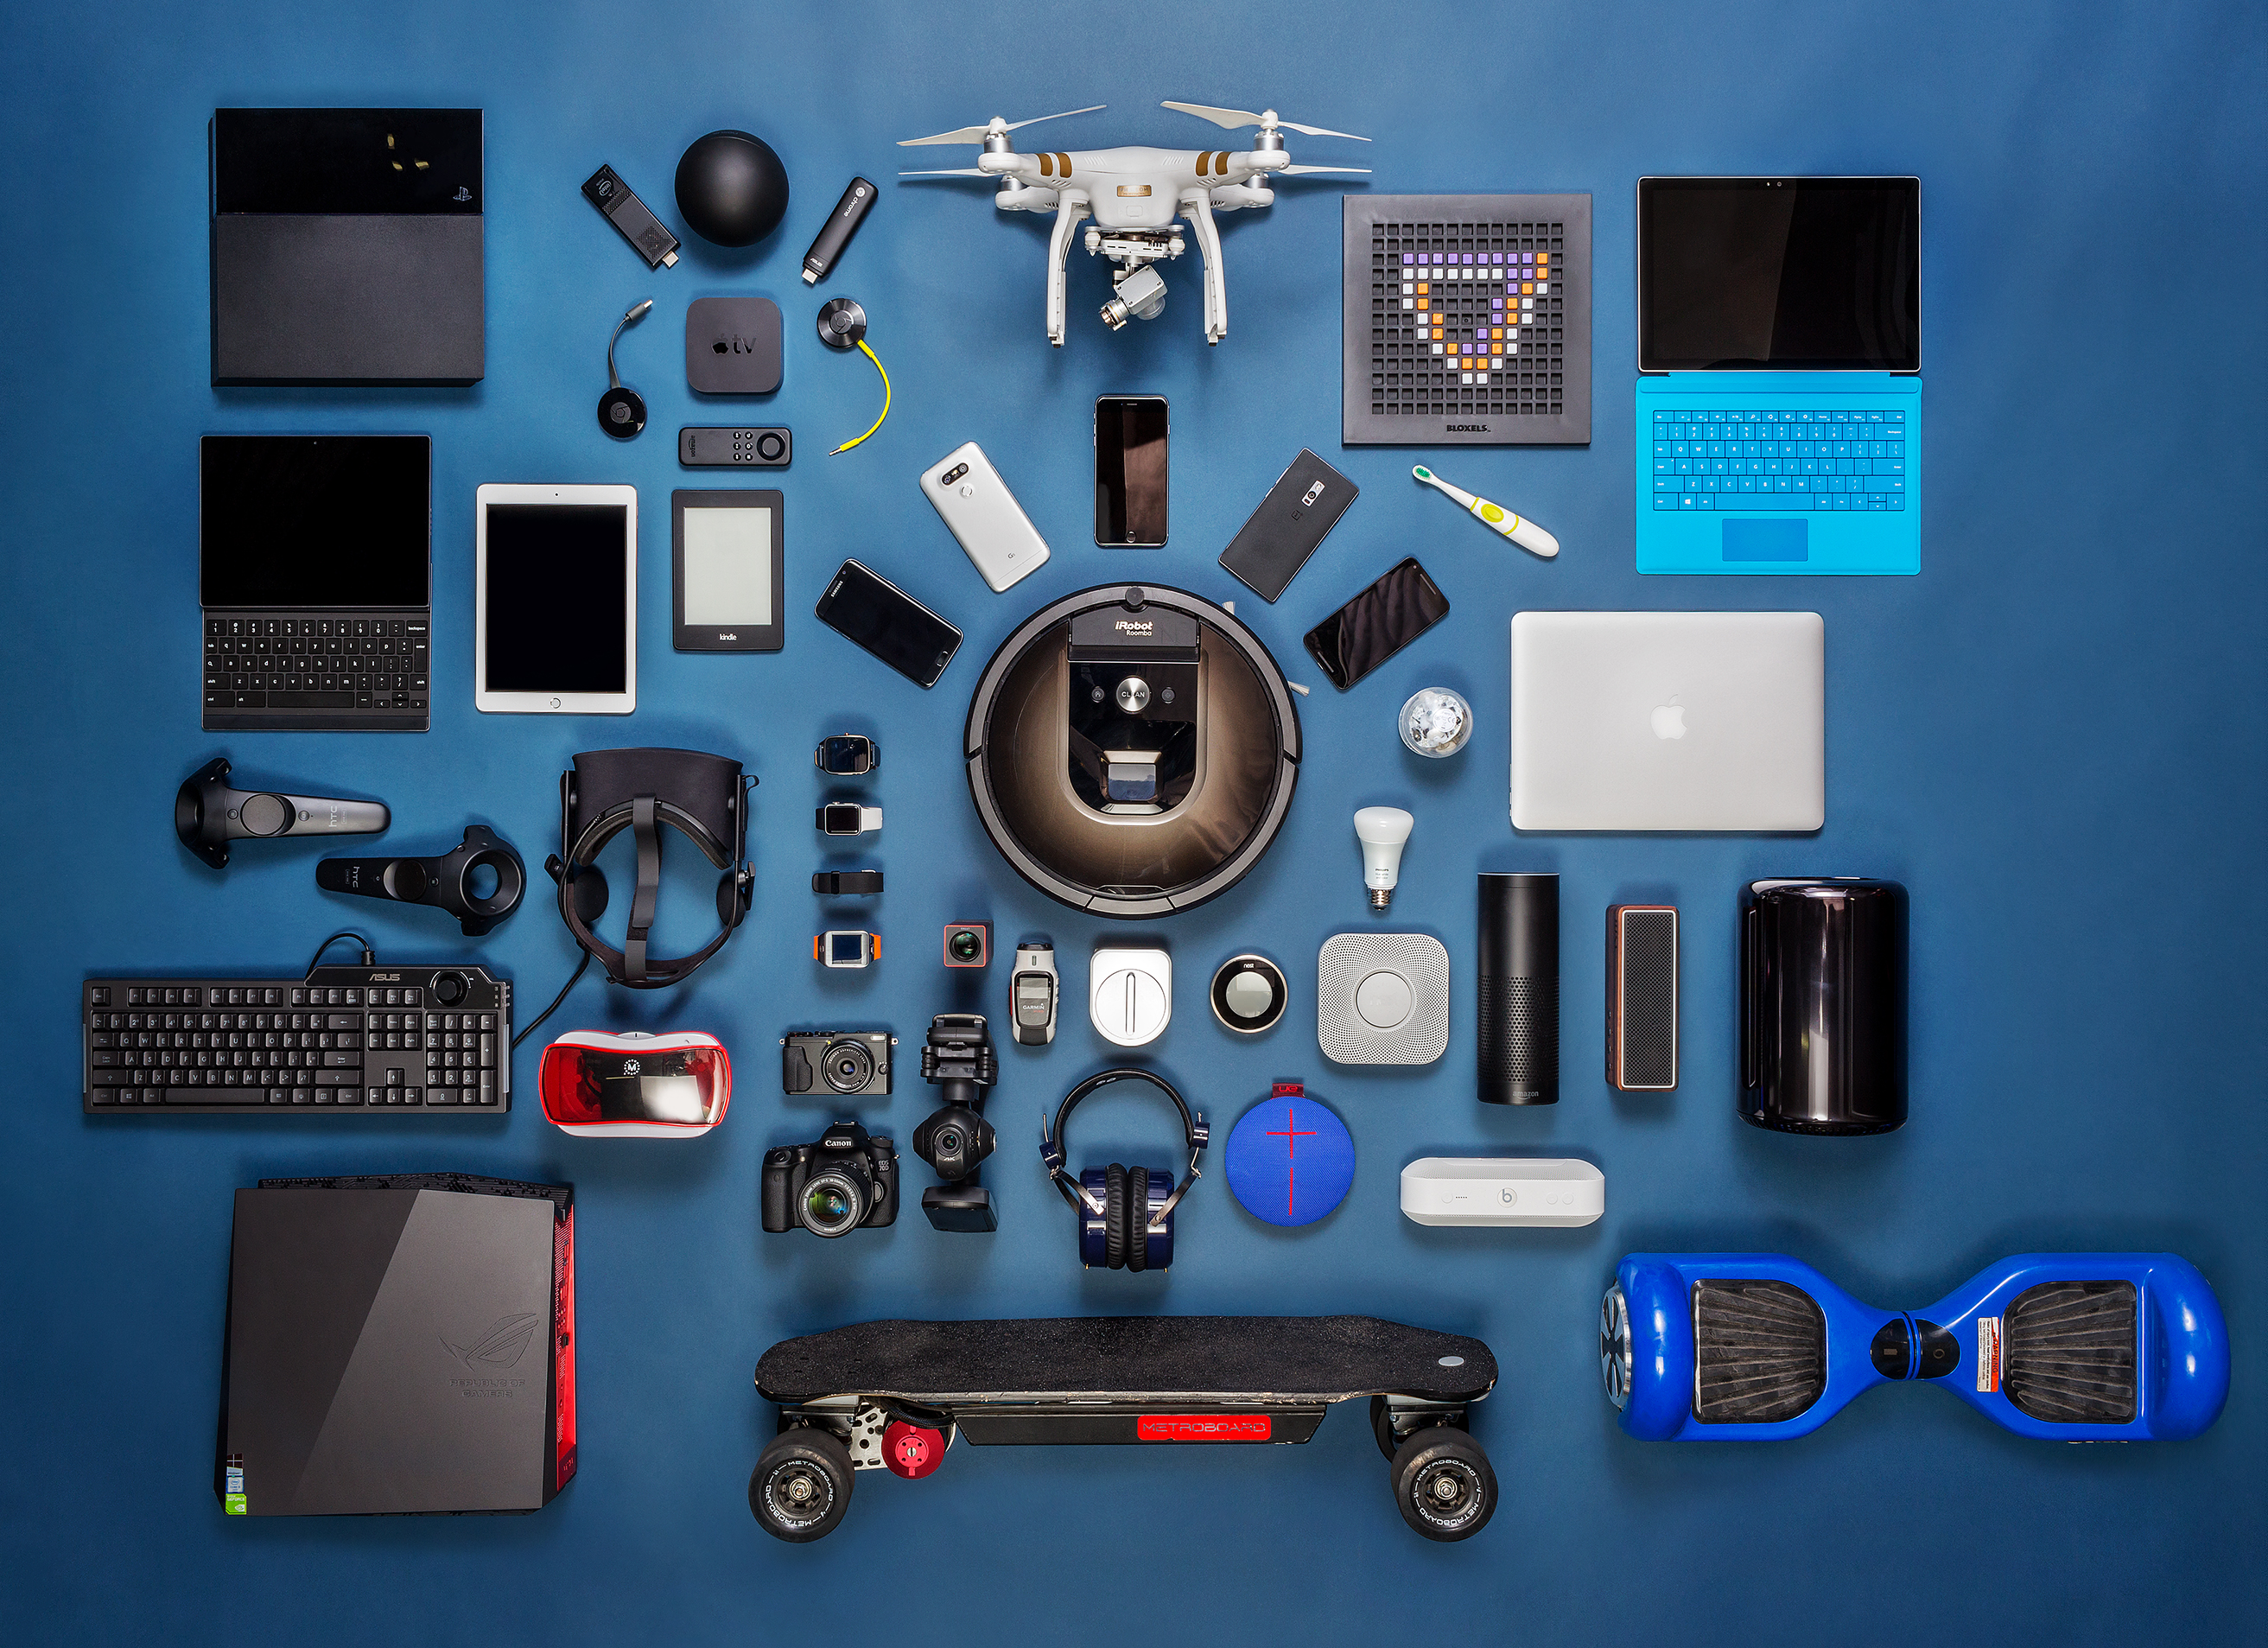 CB gadgets